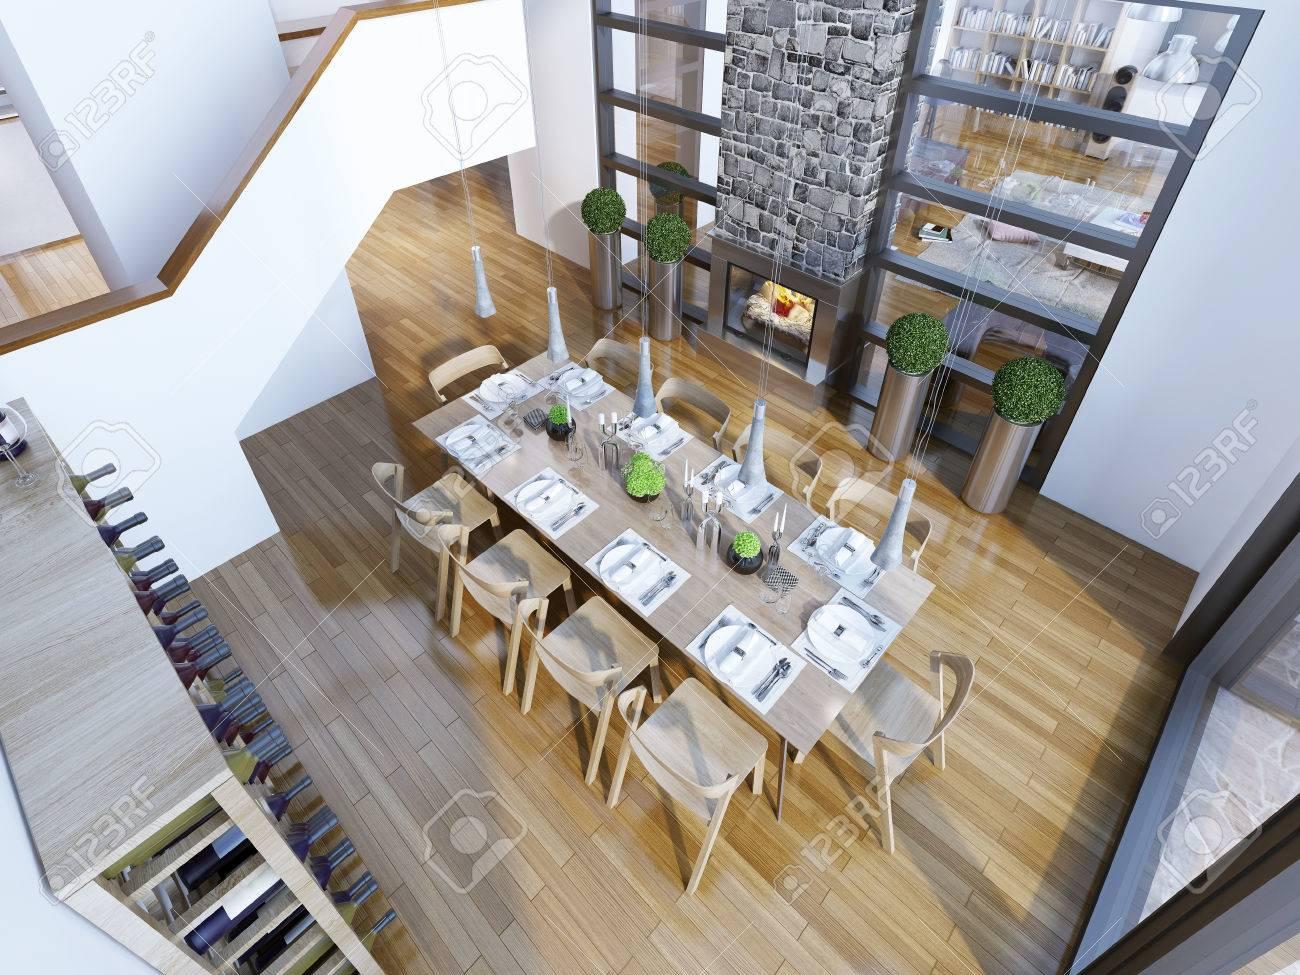 Idee Der Loft Stil Speisesaal. Draufsicht Auf Die Hohen Decken Esszimmer  Mit Tisch Serviert